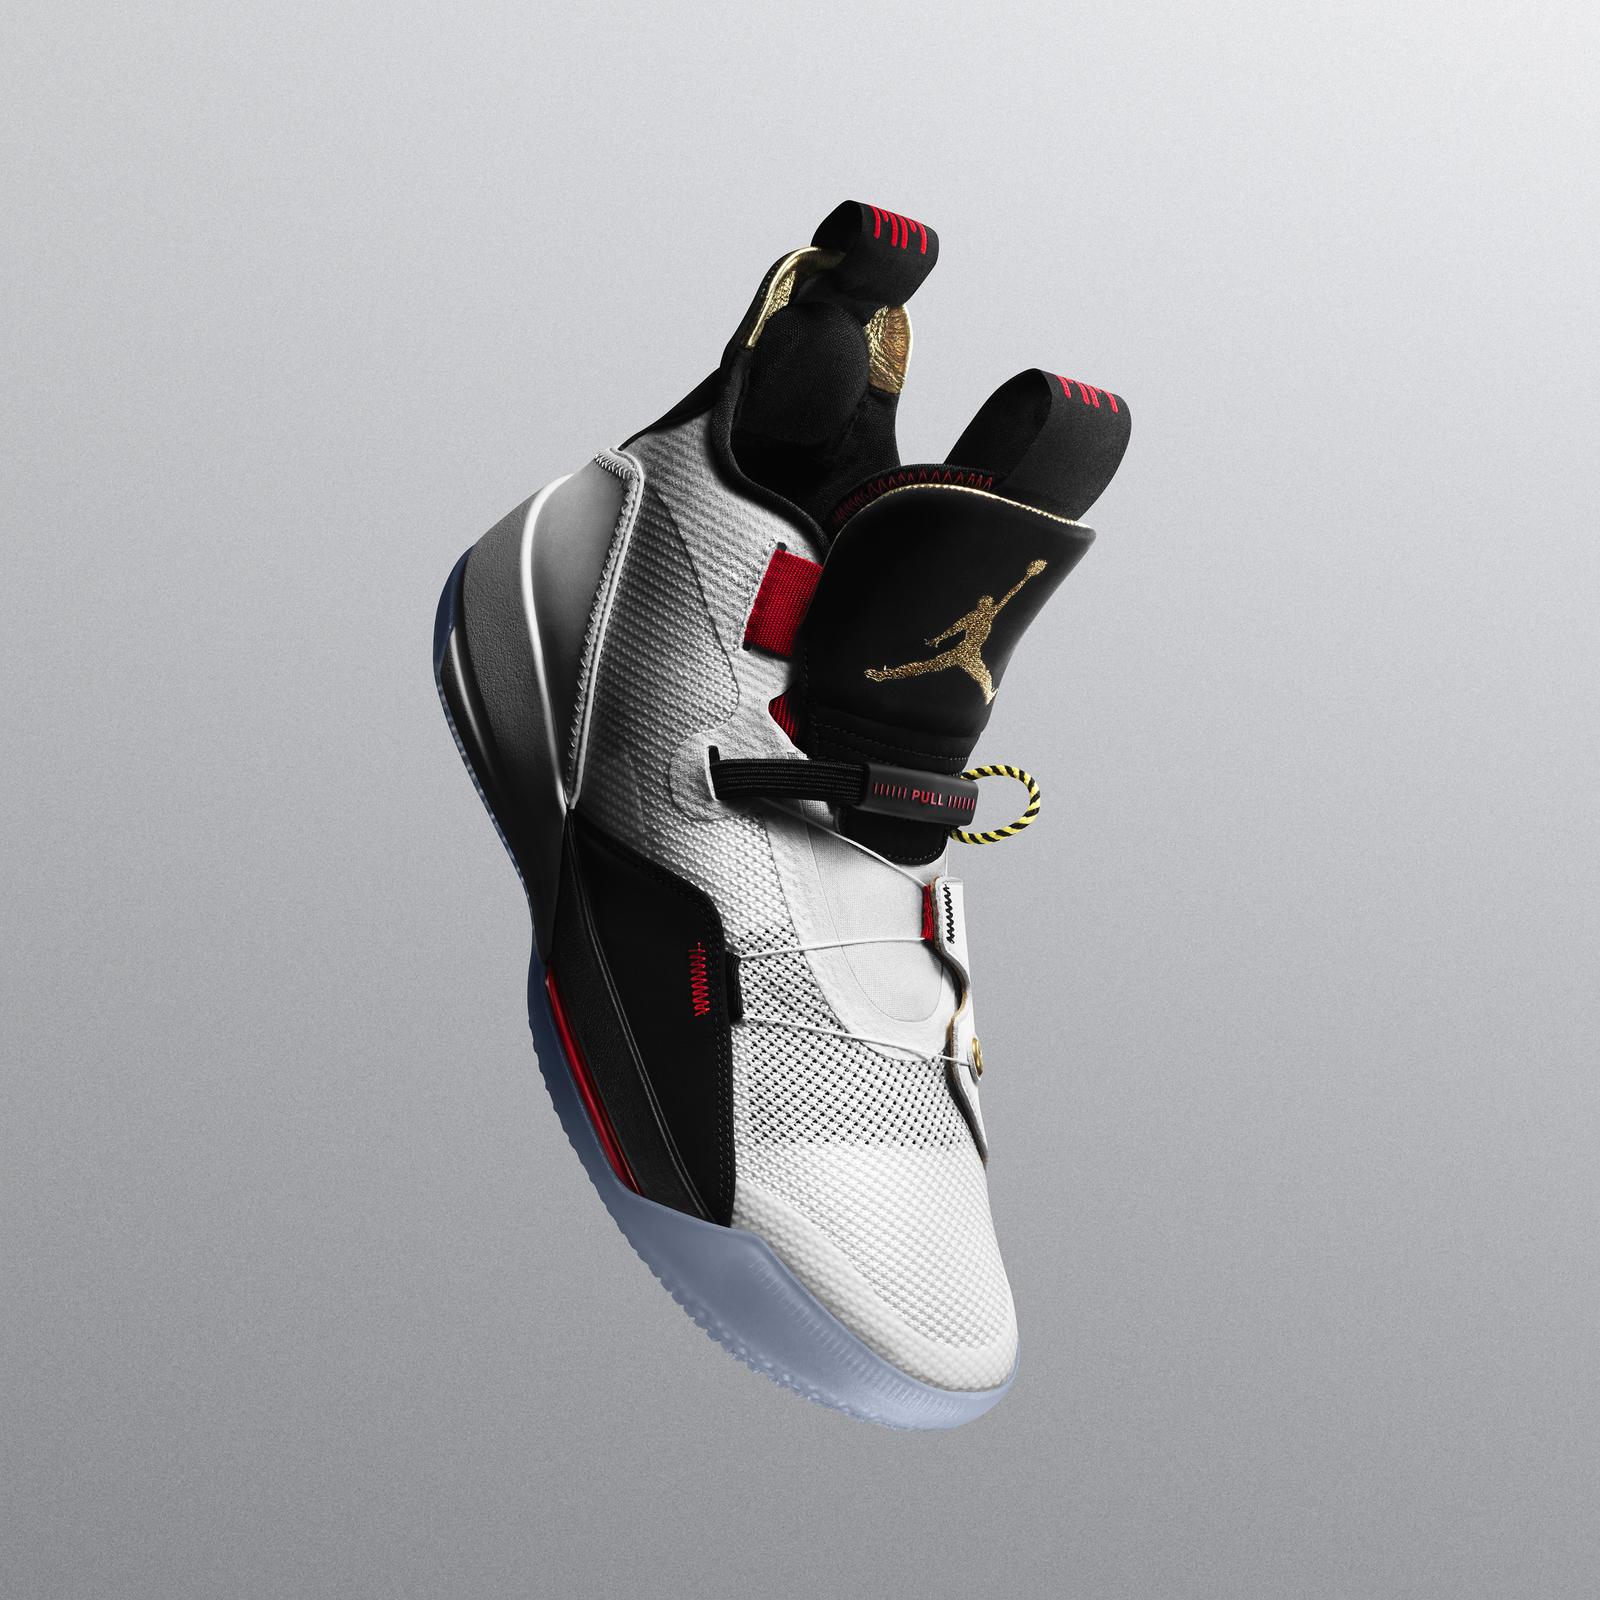 L'Air Jordan XXXIII Enfin Dévoilée, Adieu Les Lacets